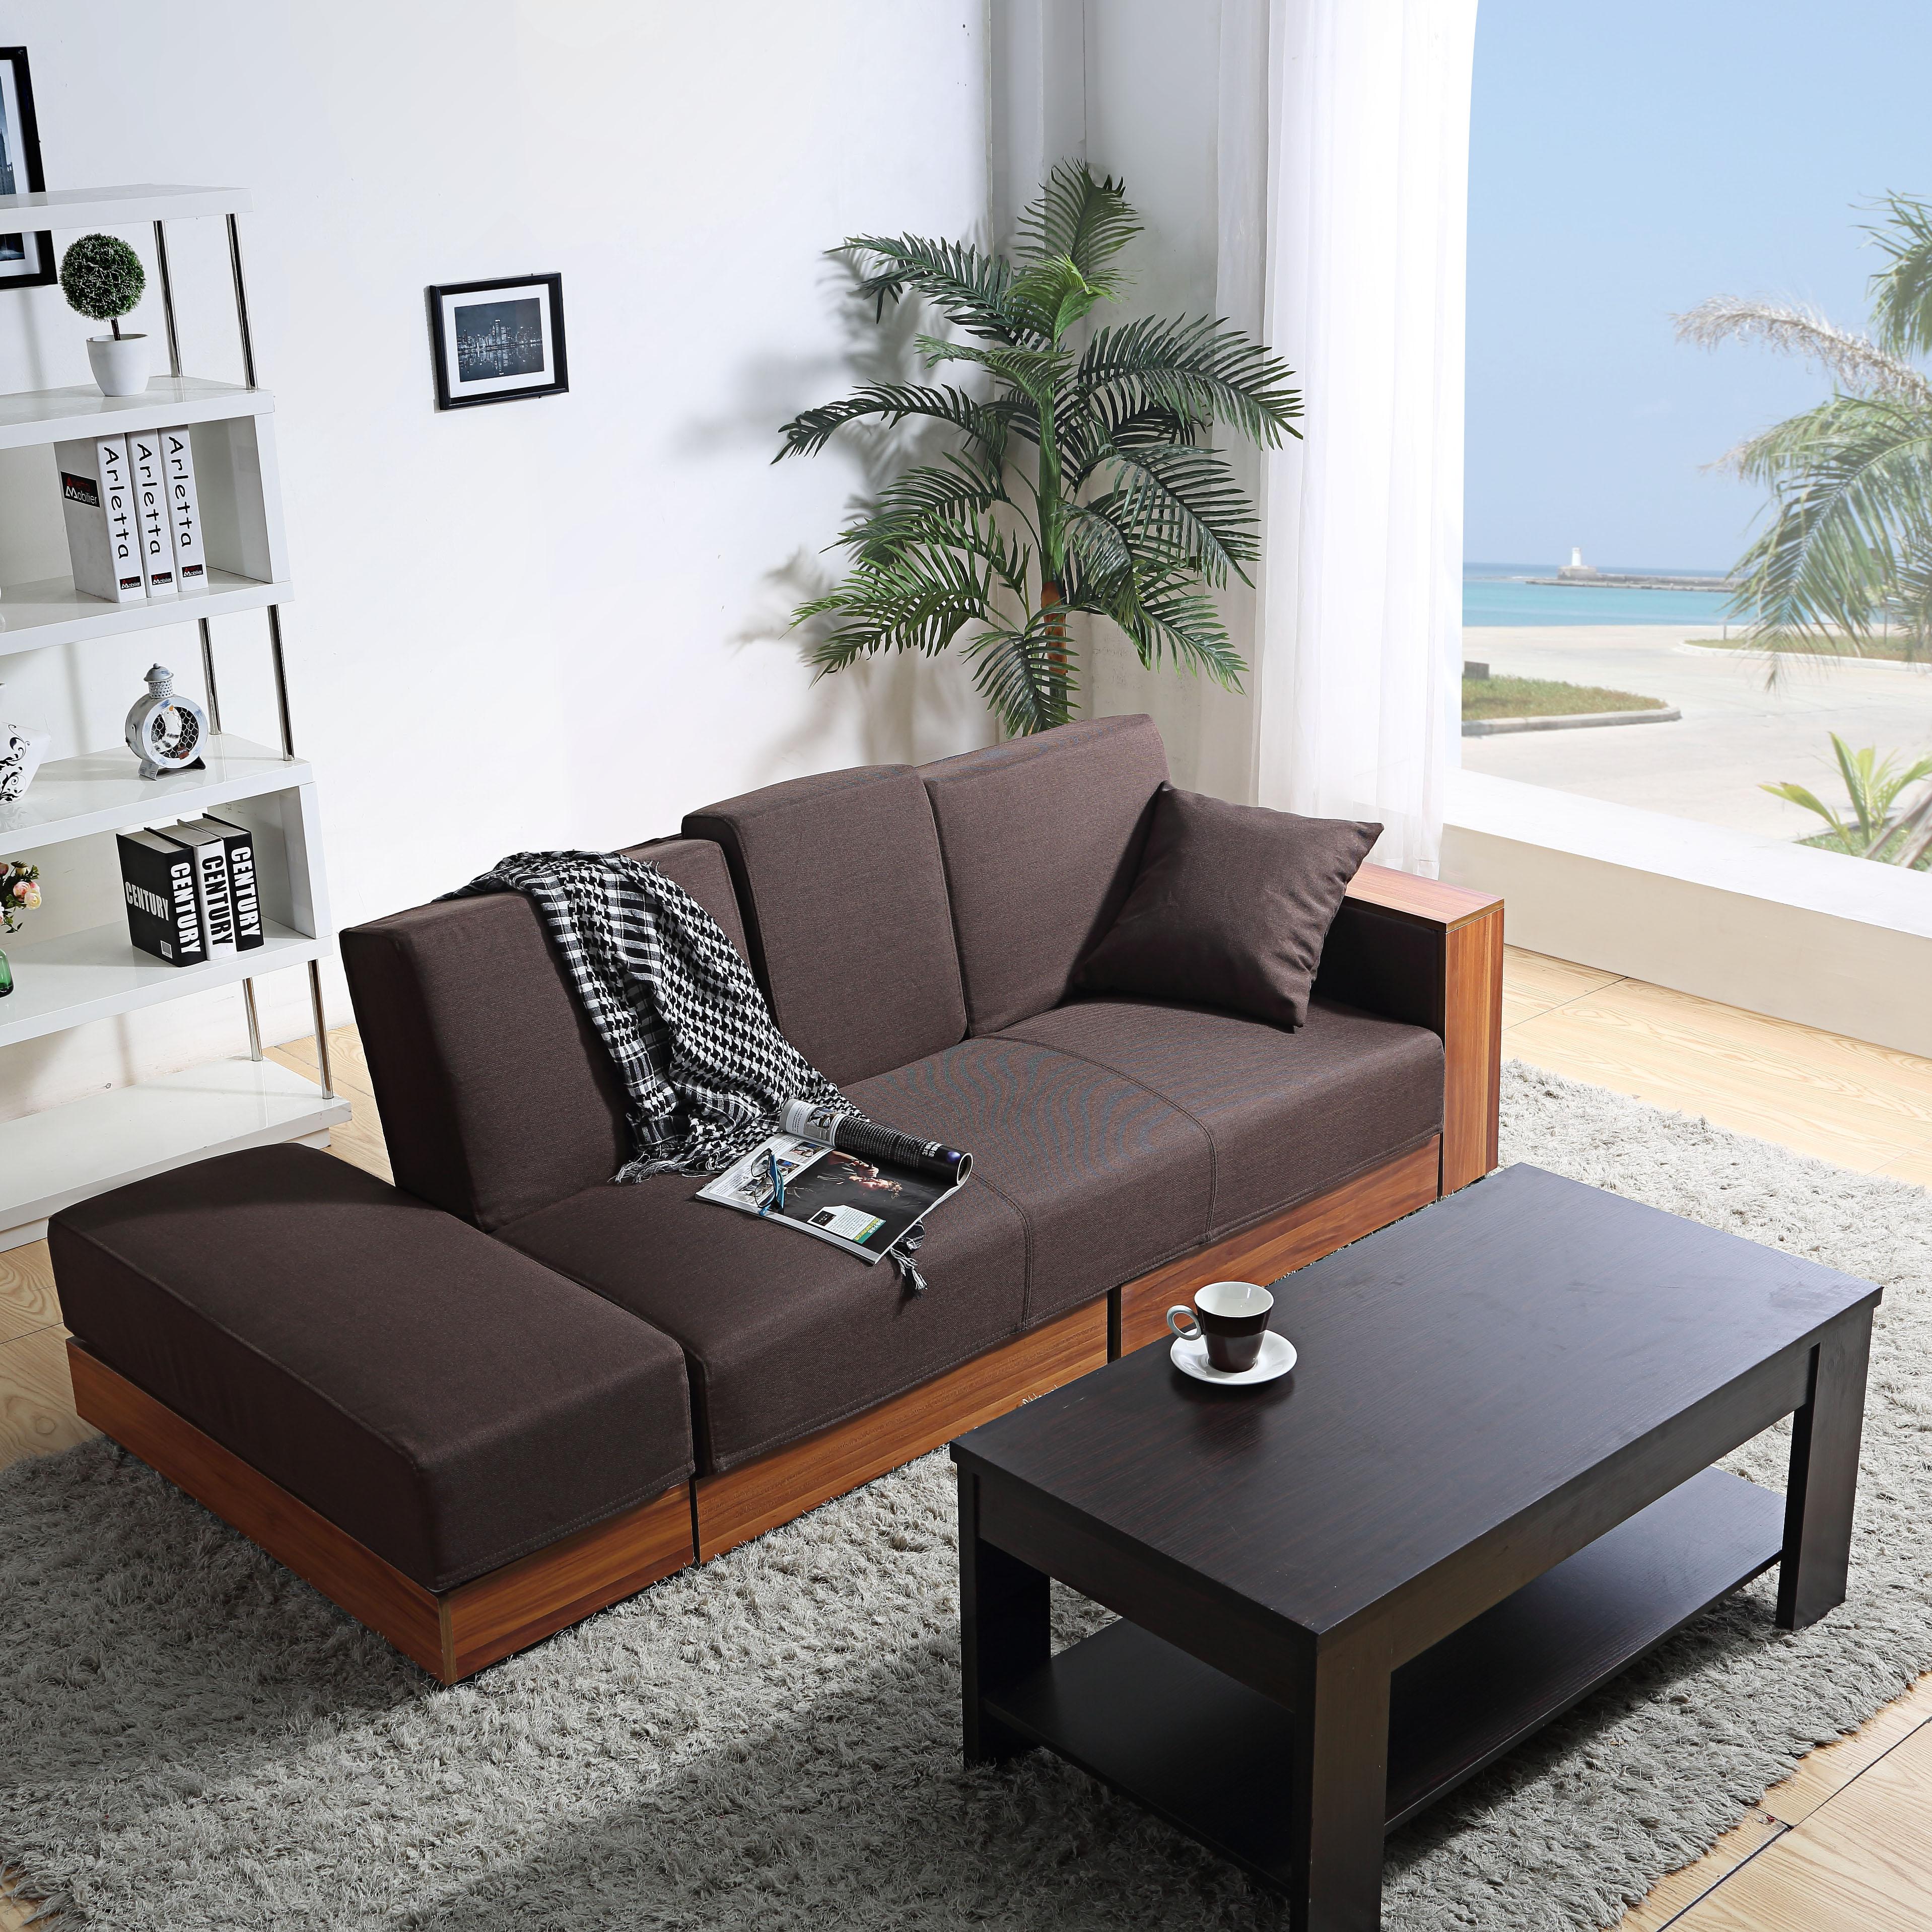 Το μικρό μέγεθος του καναπέ κρεβάτι τρία άτομα πτυσσόμενου αποθήκευση γιαπωνέζικο πολυλειτουργική διπλής χρήσης λατέξ καναπέ - κρεβάτι να μπορούν να πλένονται